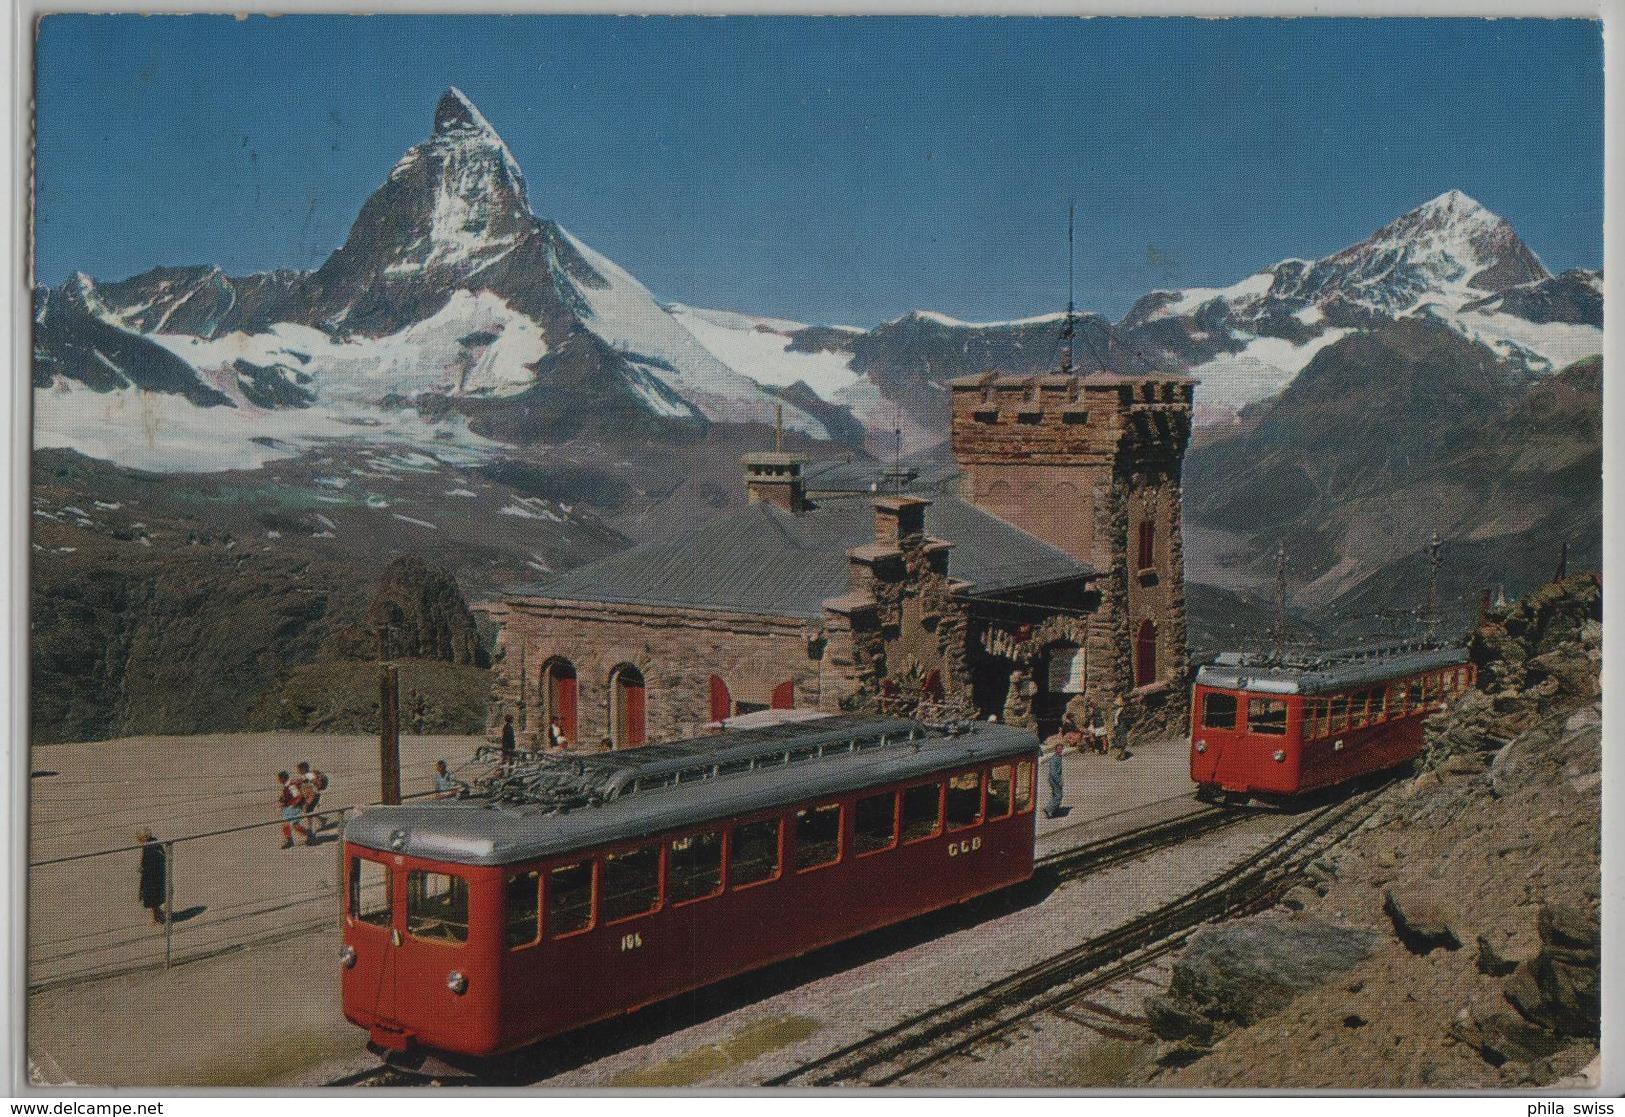 Station Gornergrat, Zermatt, Matterhorn, Dt. Blanche - Photo: Klopfenstein - VS Valais